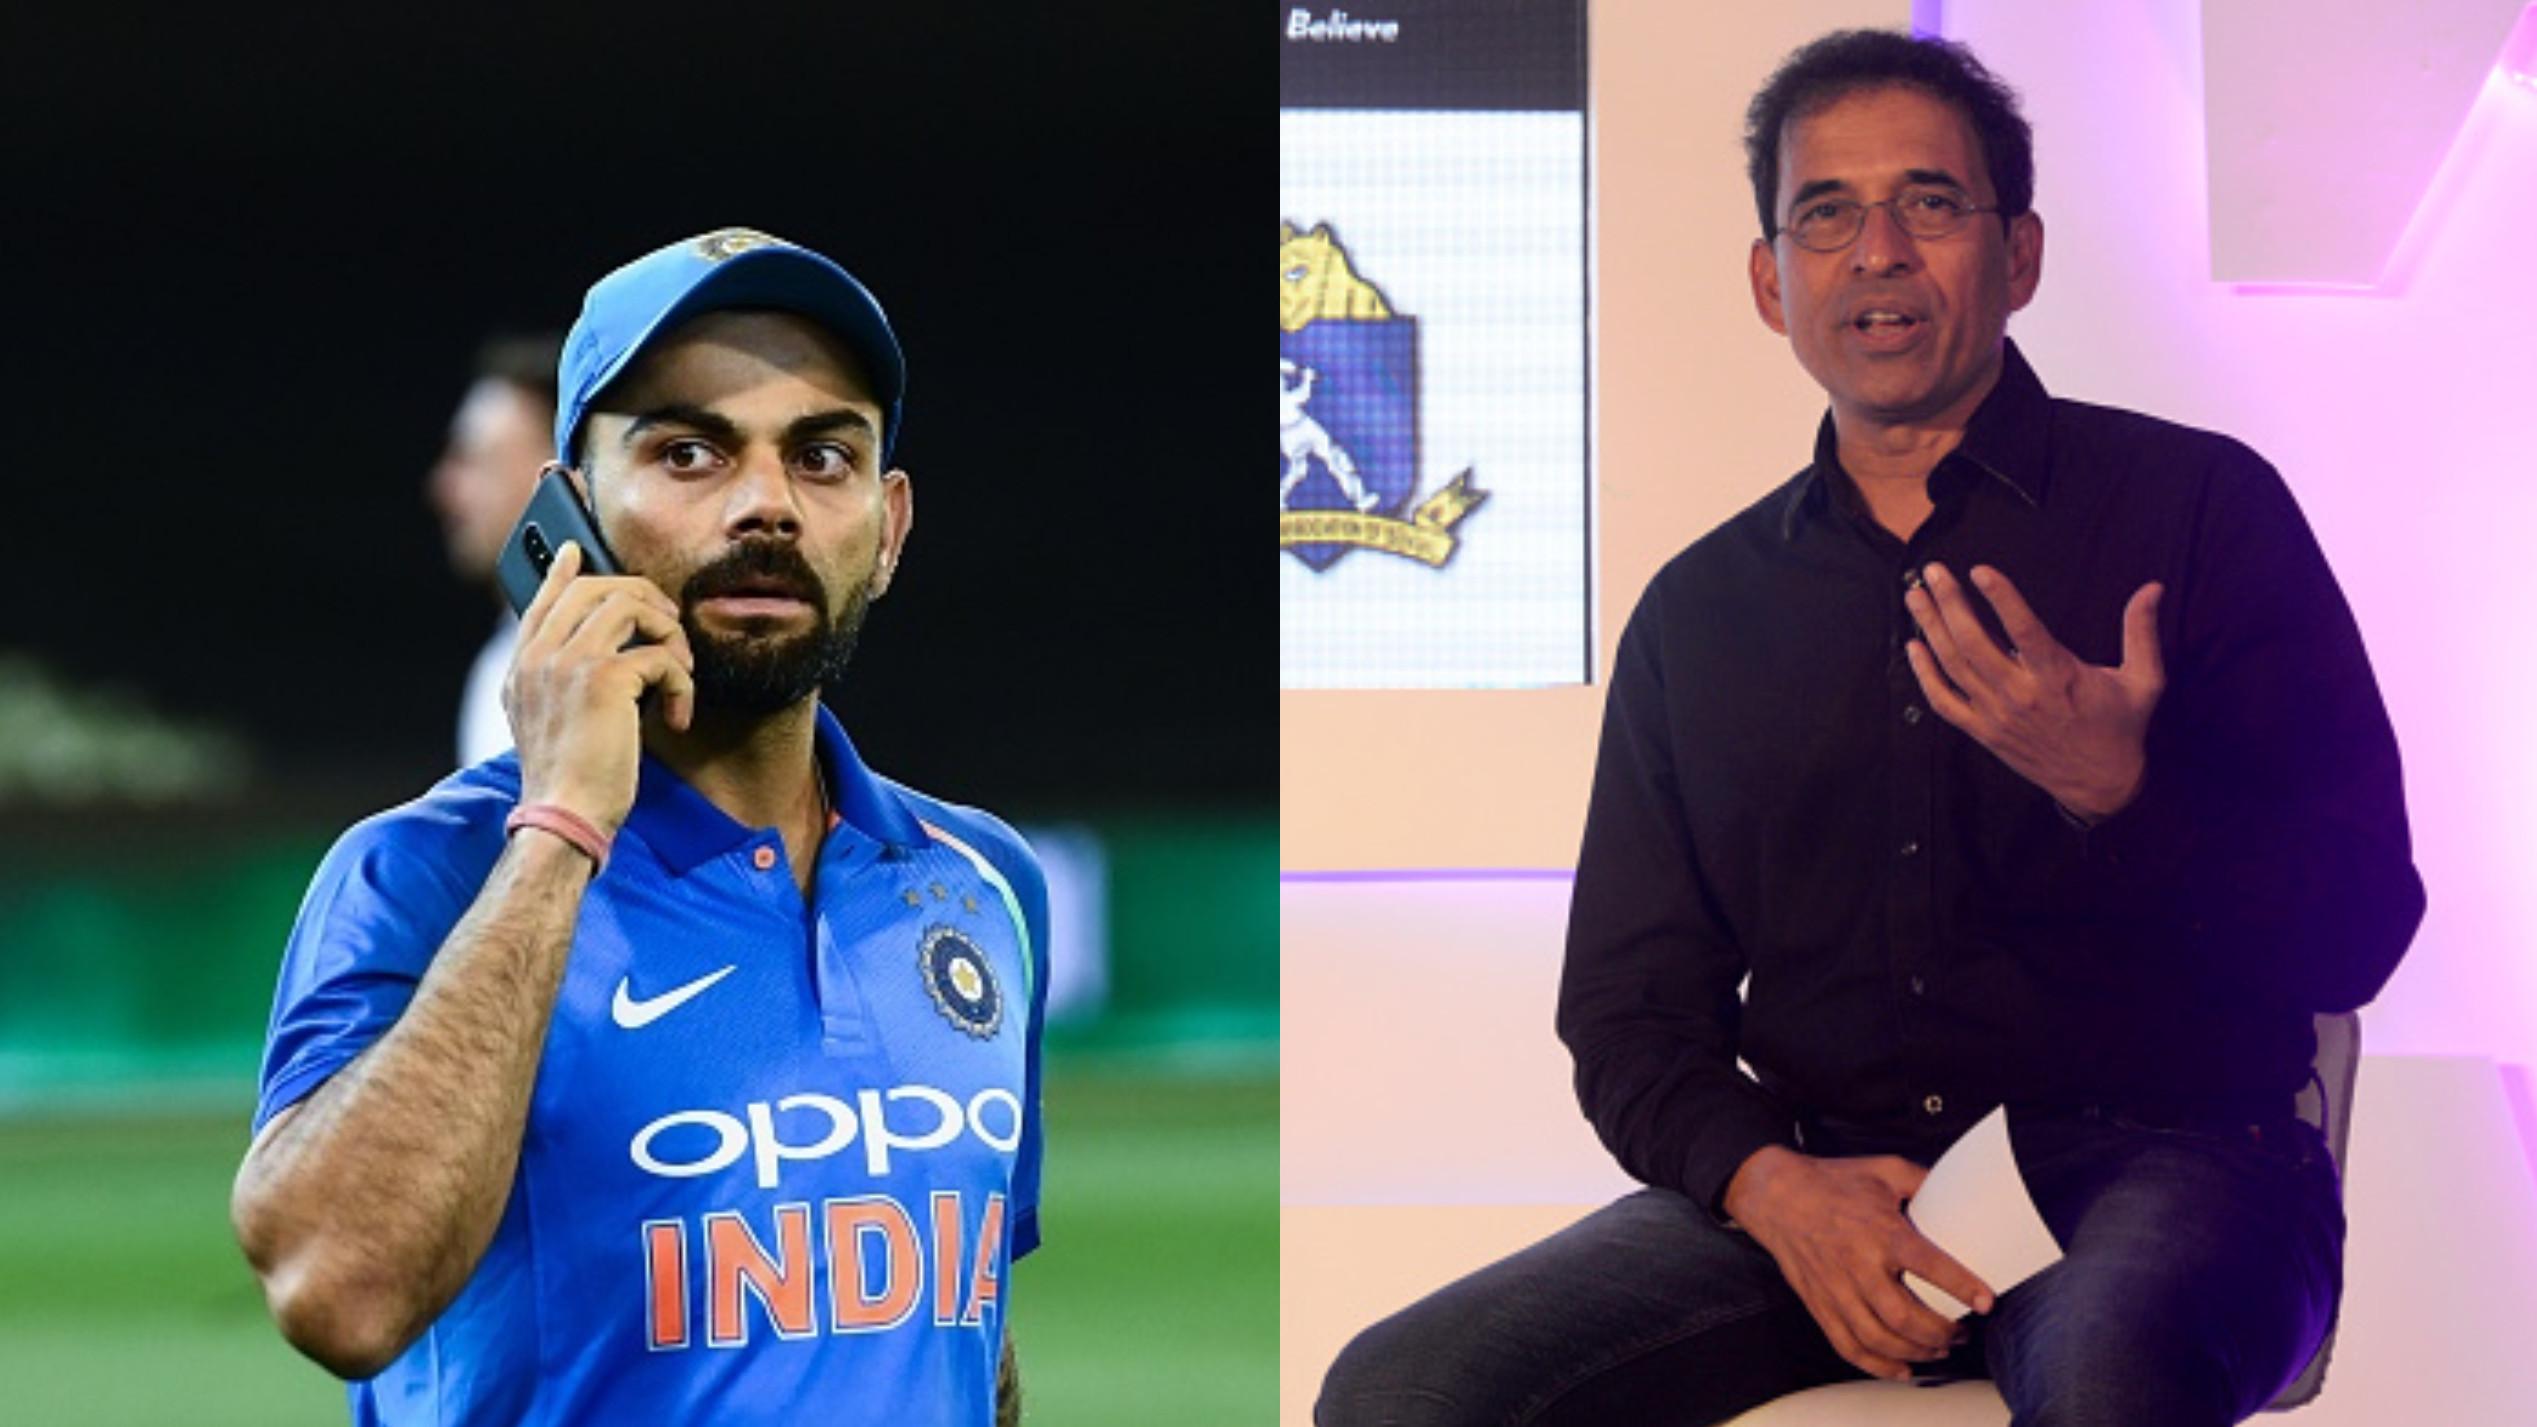 CWC 2018 : हर्षा भोगले ने विश्व कप में विराट कोहली को नम्बर चार पर बल्लेबाज़ी करने का दिया सुझाव